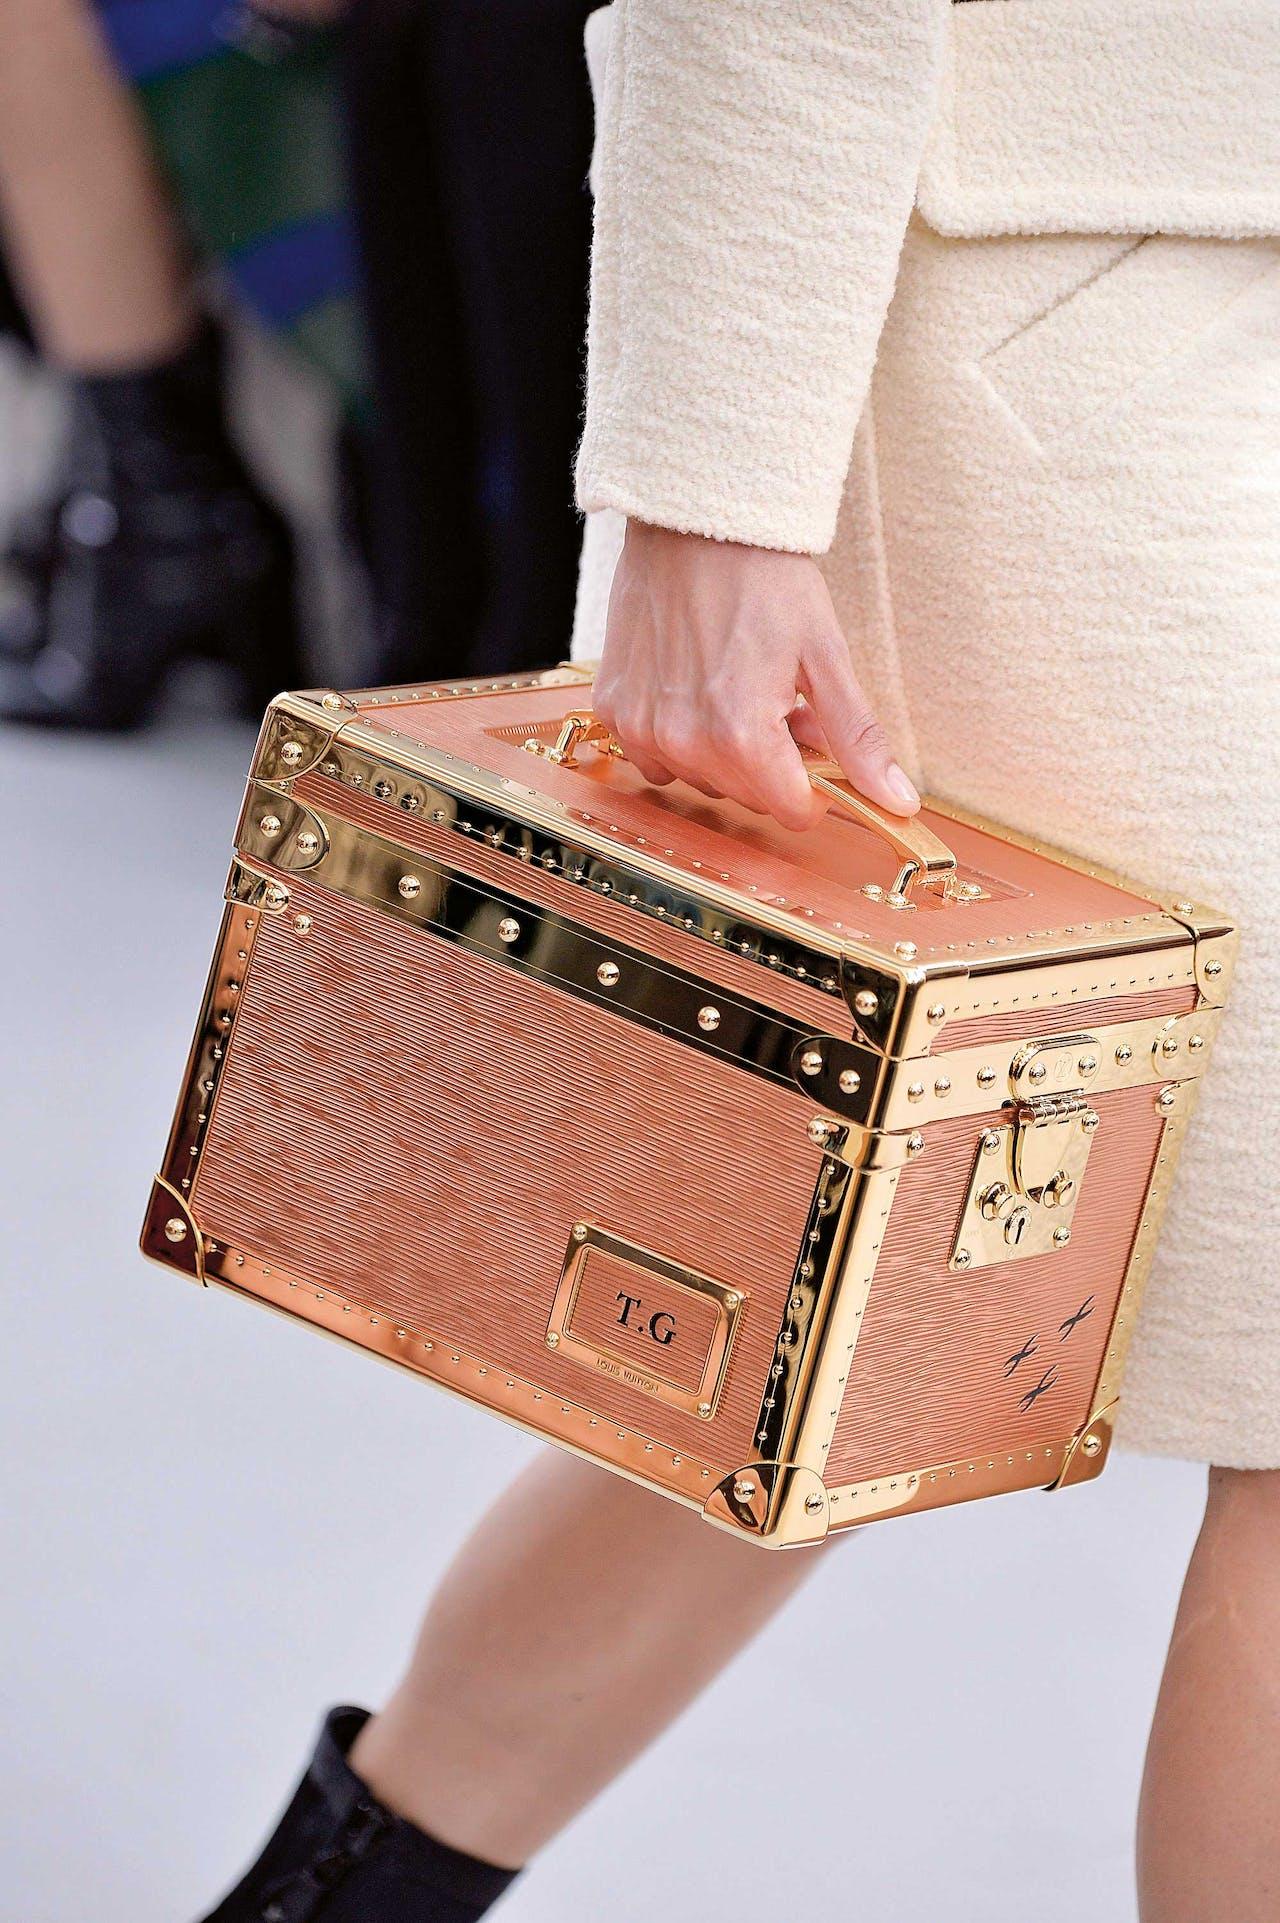 In de wintercollectie van dit jaar zitten opnieuw beautycases: kleine koffertjes die vrouwen vroeger mee op reis namen voor hun beautyspullen.